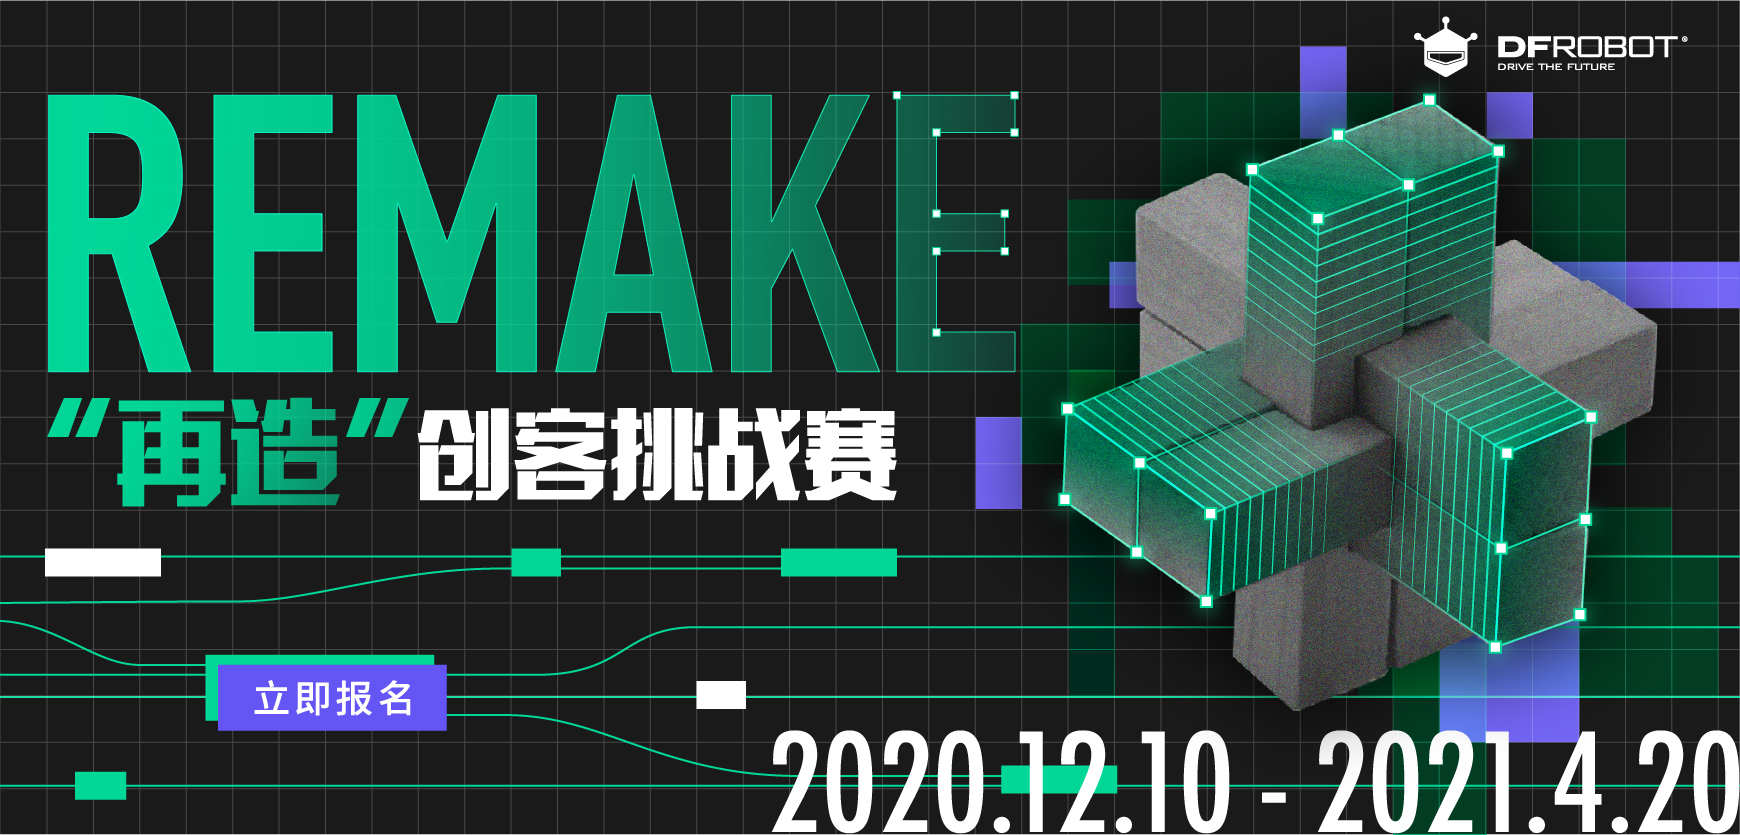 DFRobot最新创客活动-#REMAKE再造#创客挑战赛